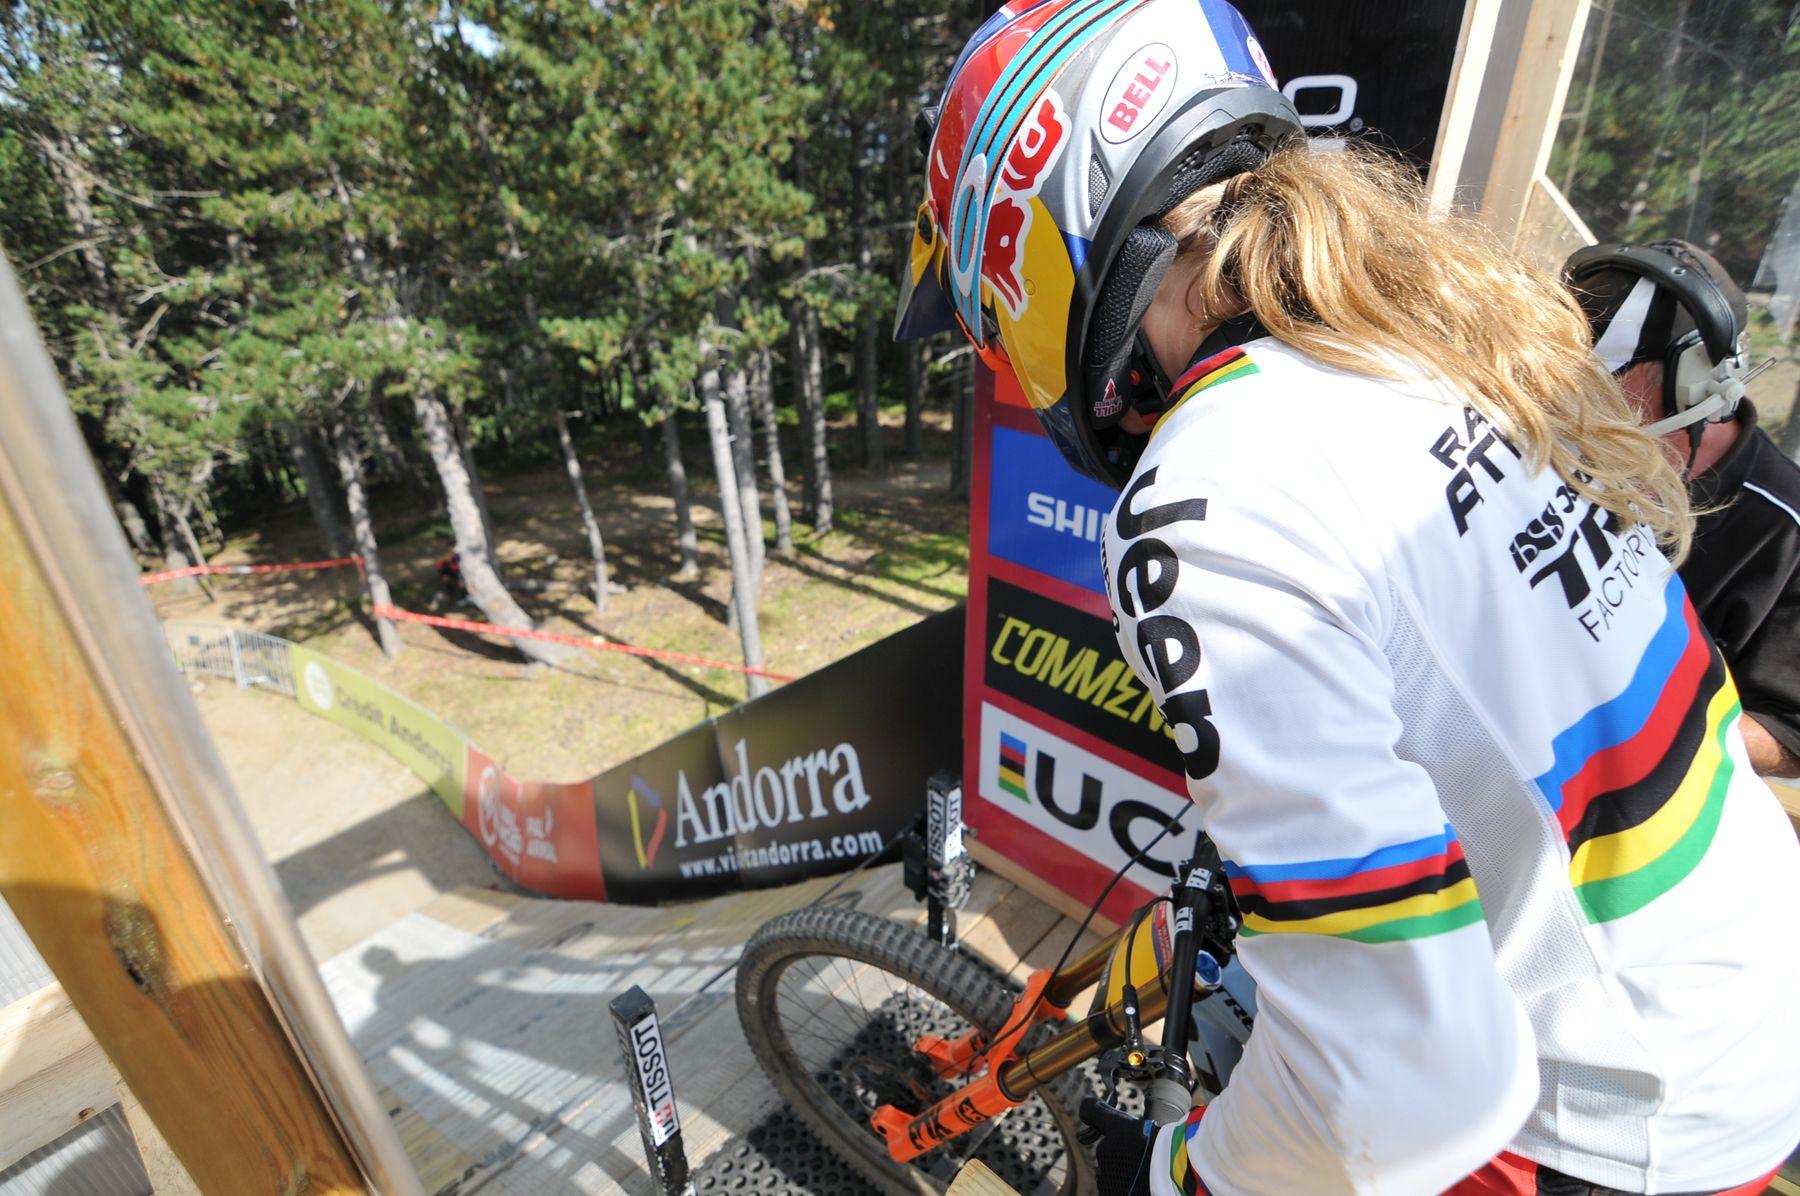 Rachel Atherton, después de arrasar en las últimas carreras, no se espera menos de ello en Vallnord